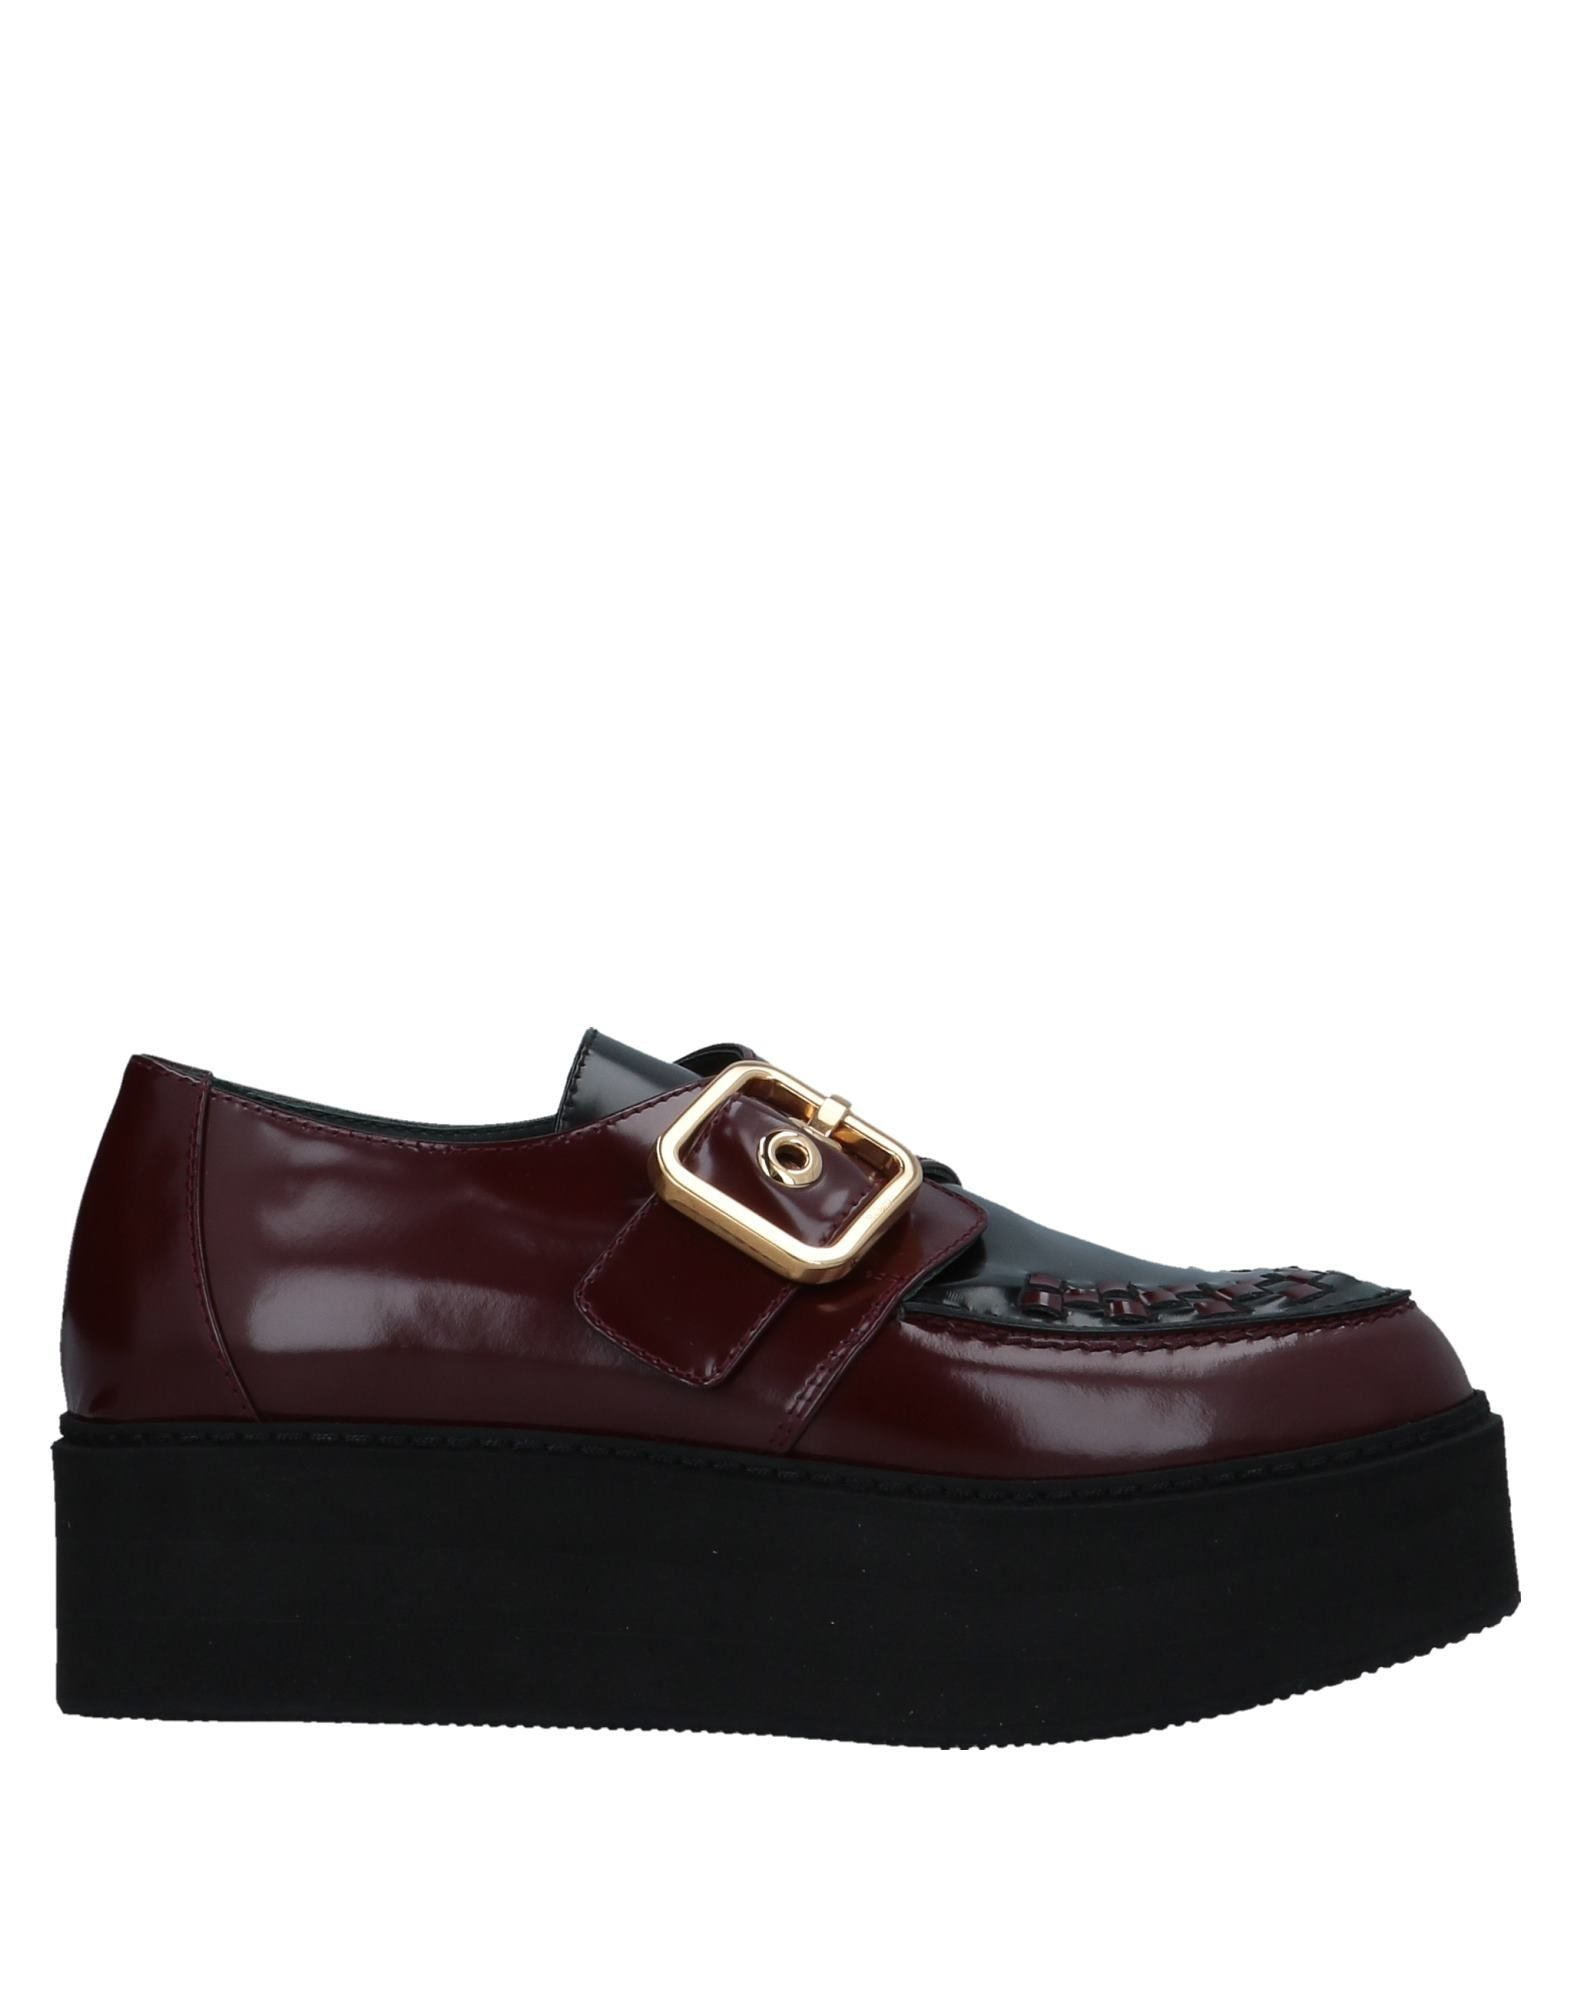 Rabatt Schuhe Mulberry Mokassins Damen Damen Damen  11539622EG 65a538